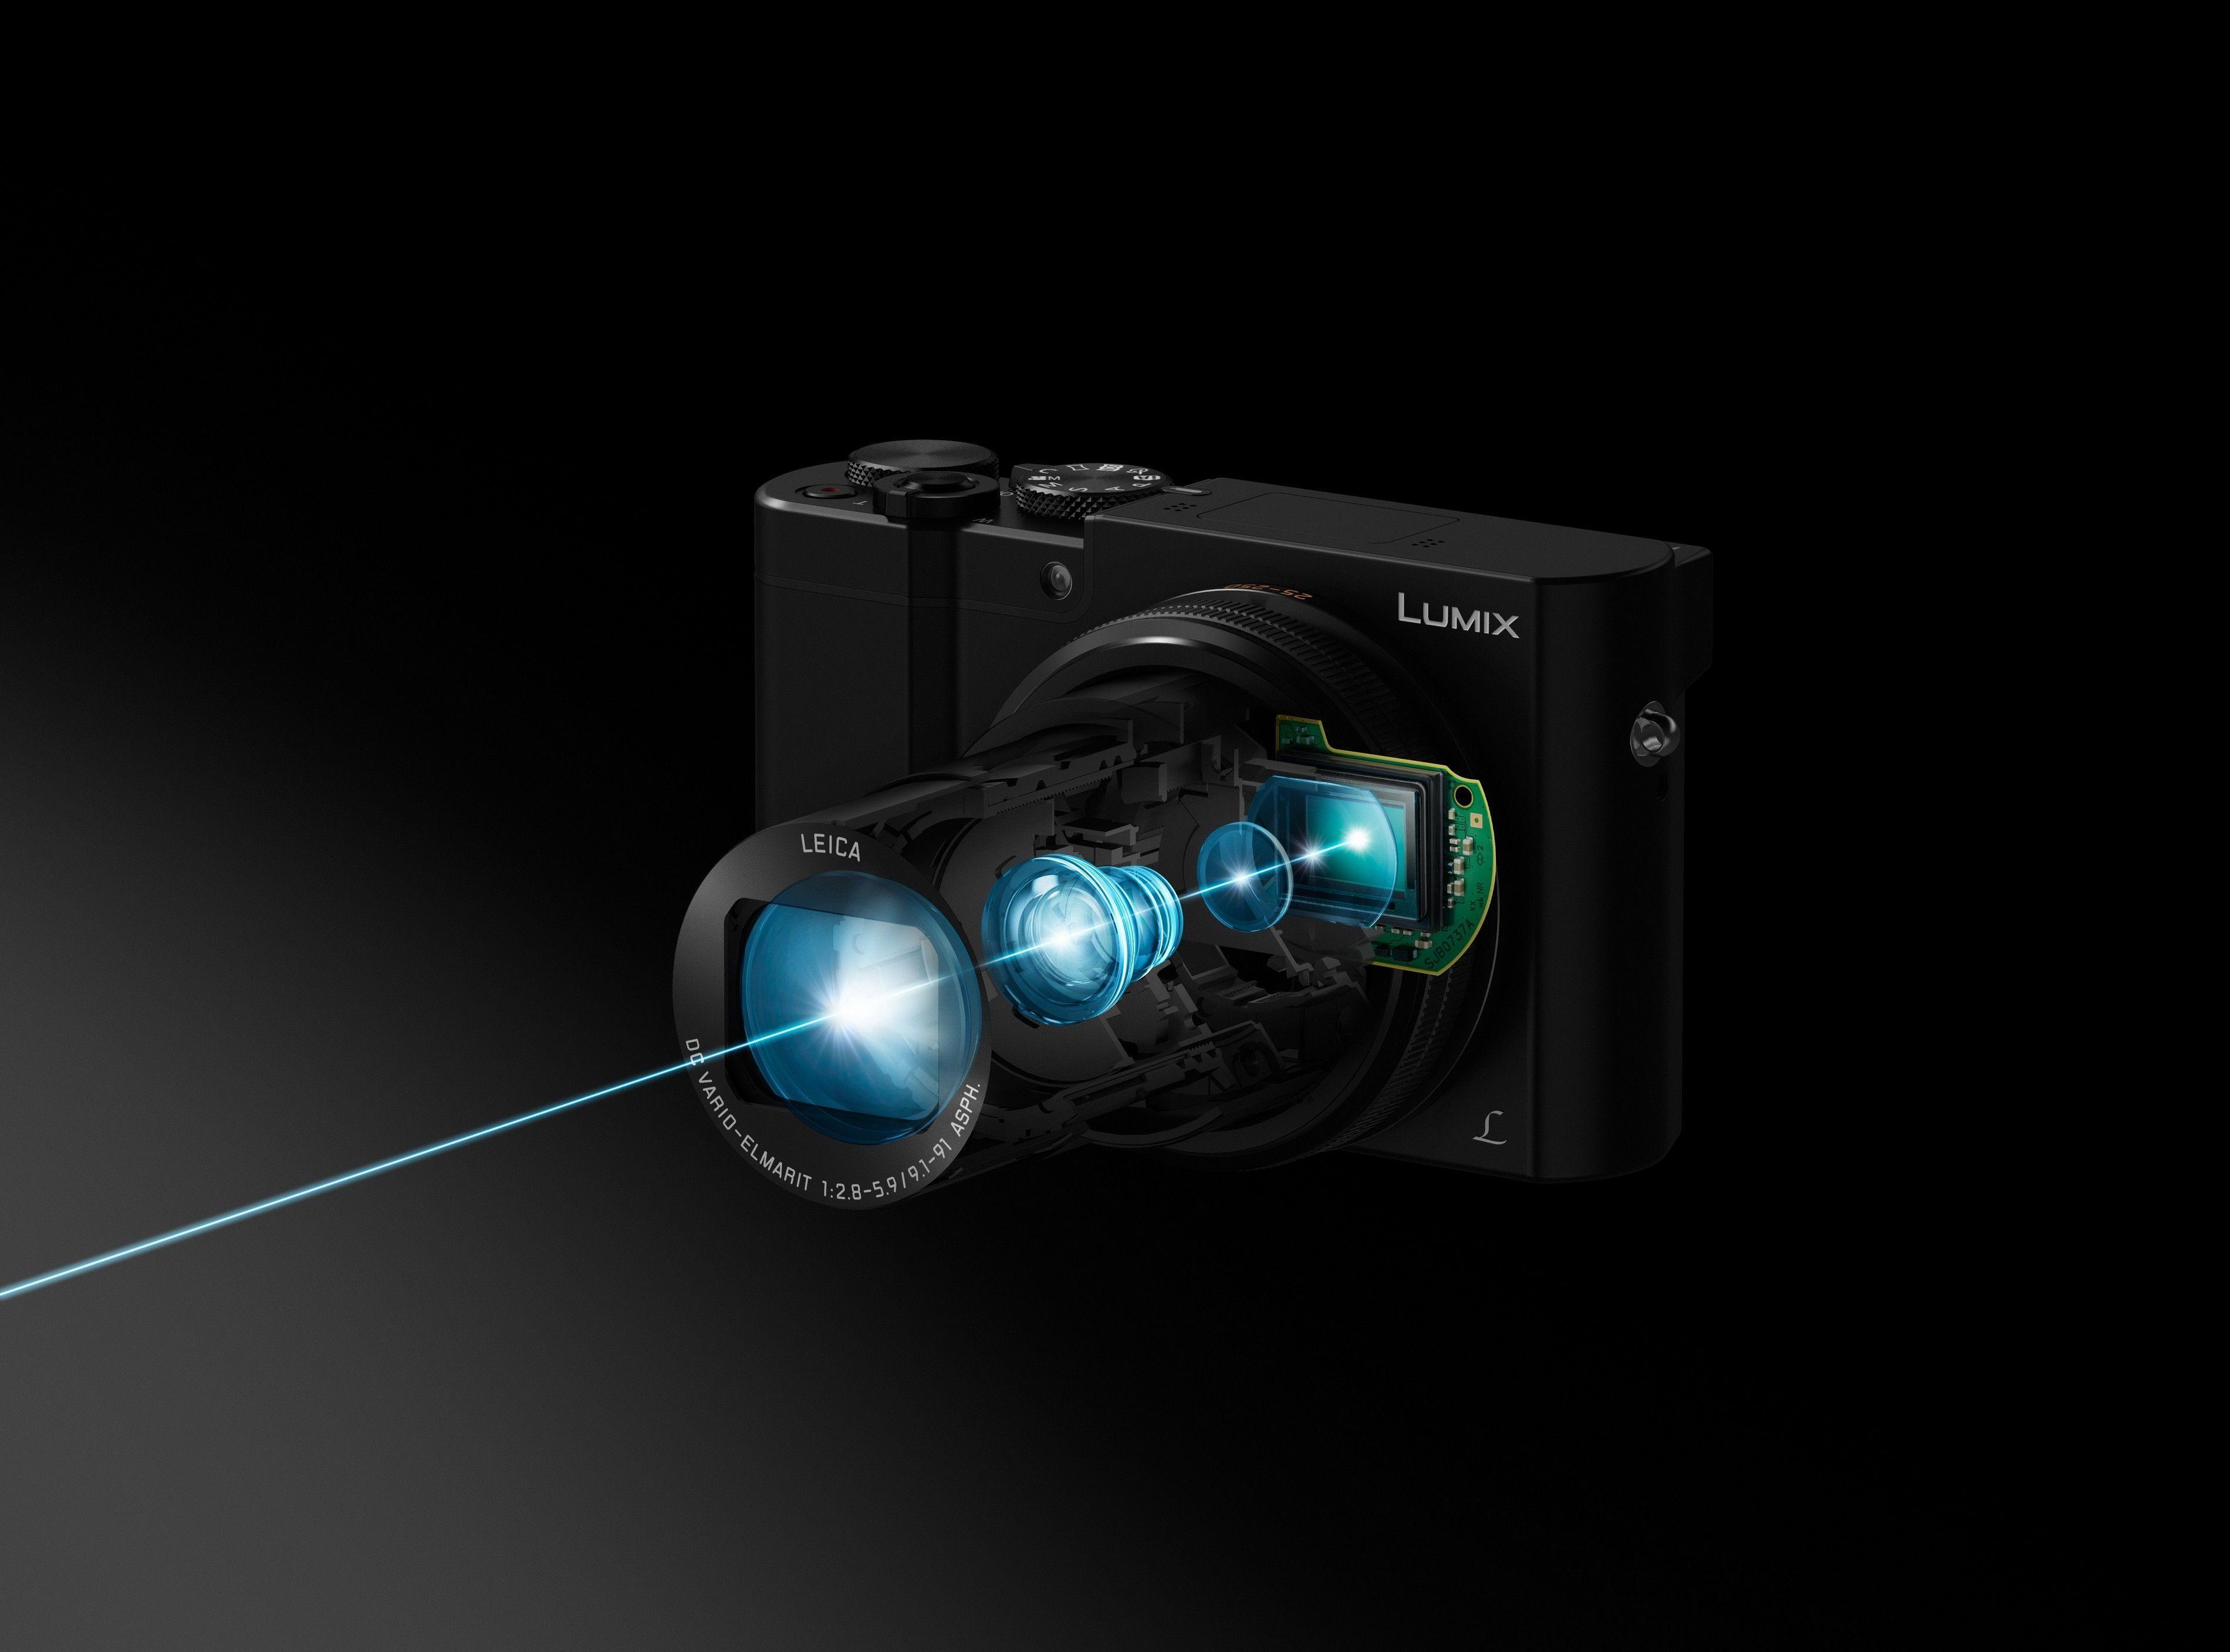 Panasonic Lumix TZ100 Camera HD Wallpaper - Wallpaper - Vactual Papers